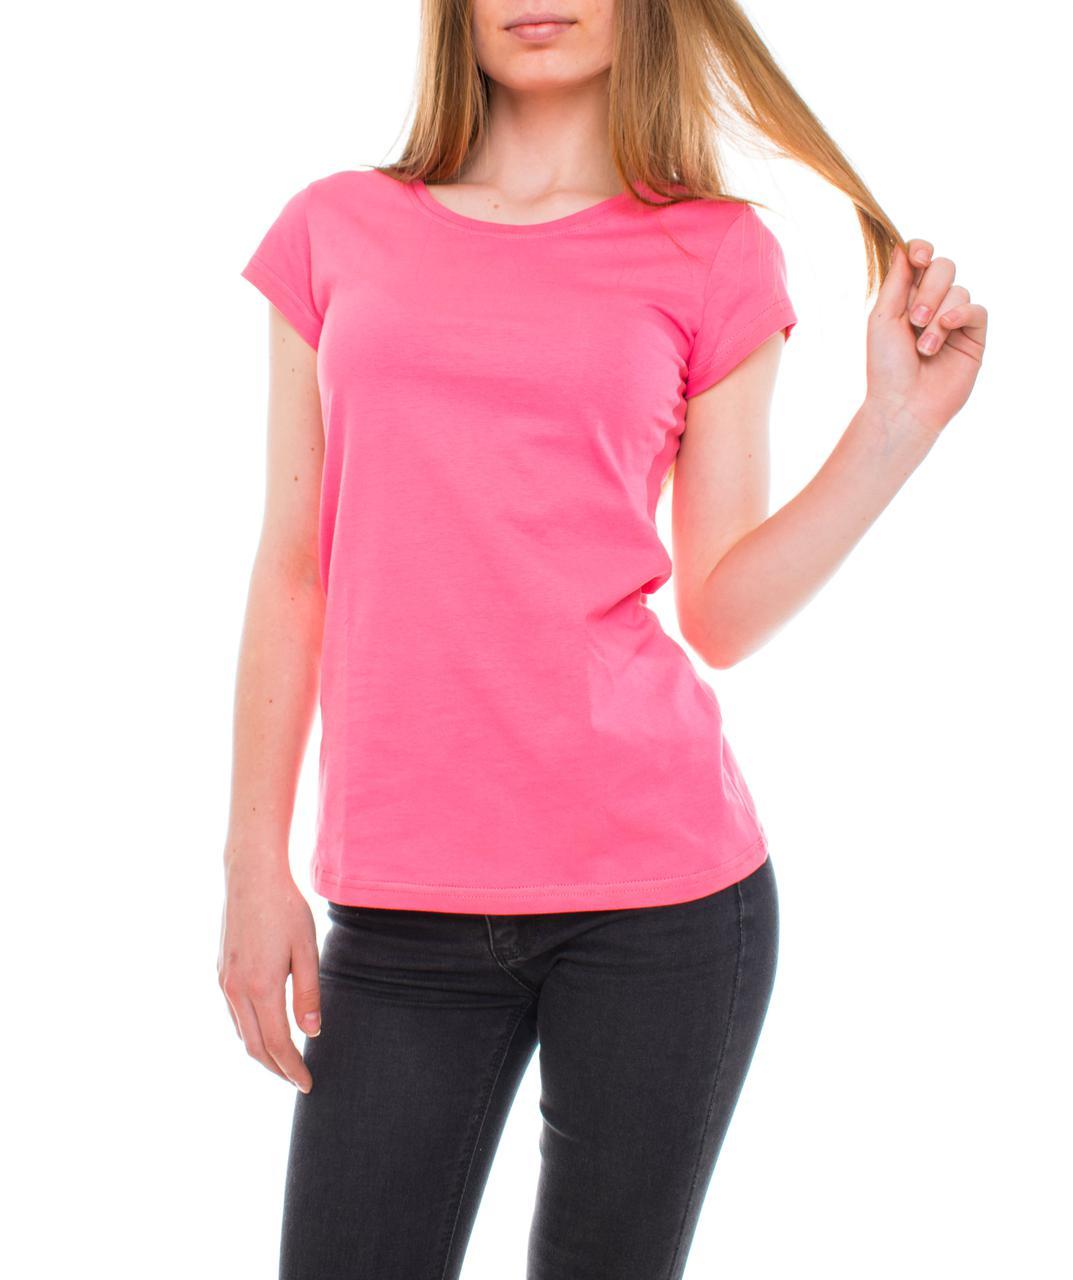 Bono Футболка  женская розовая 000181